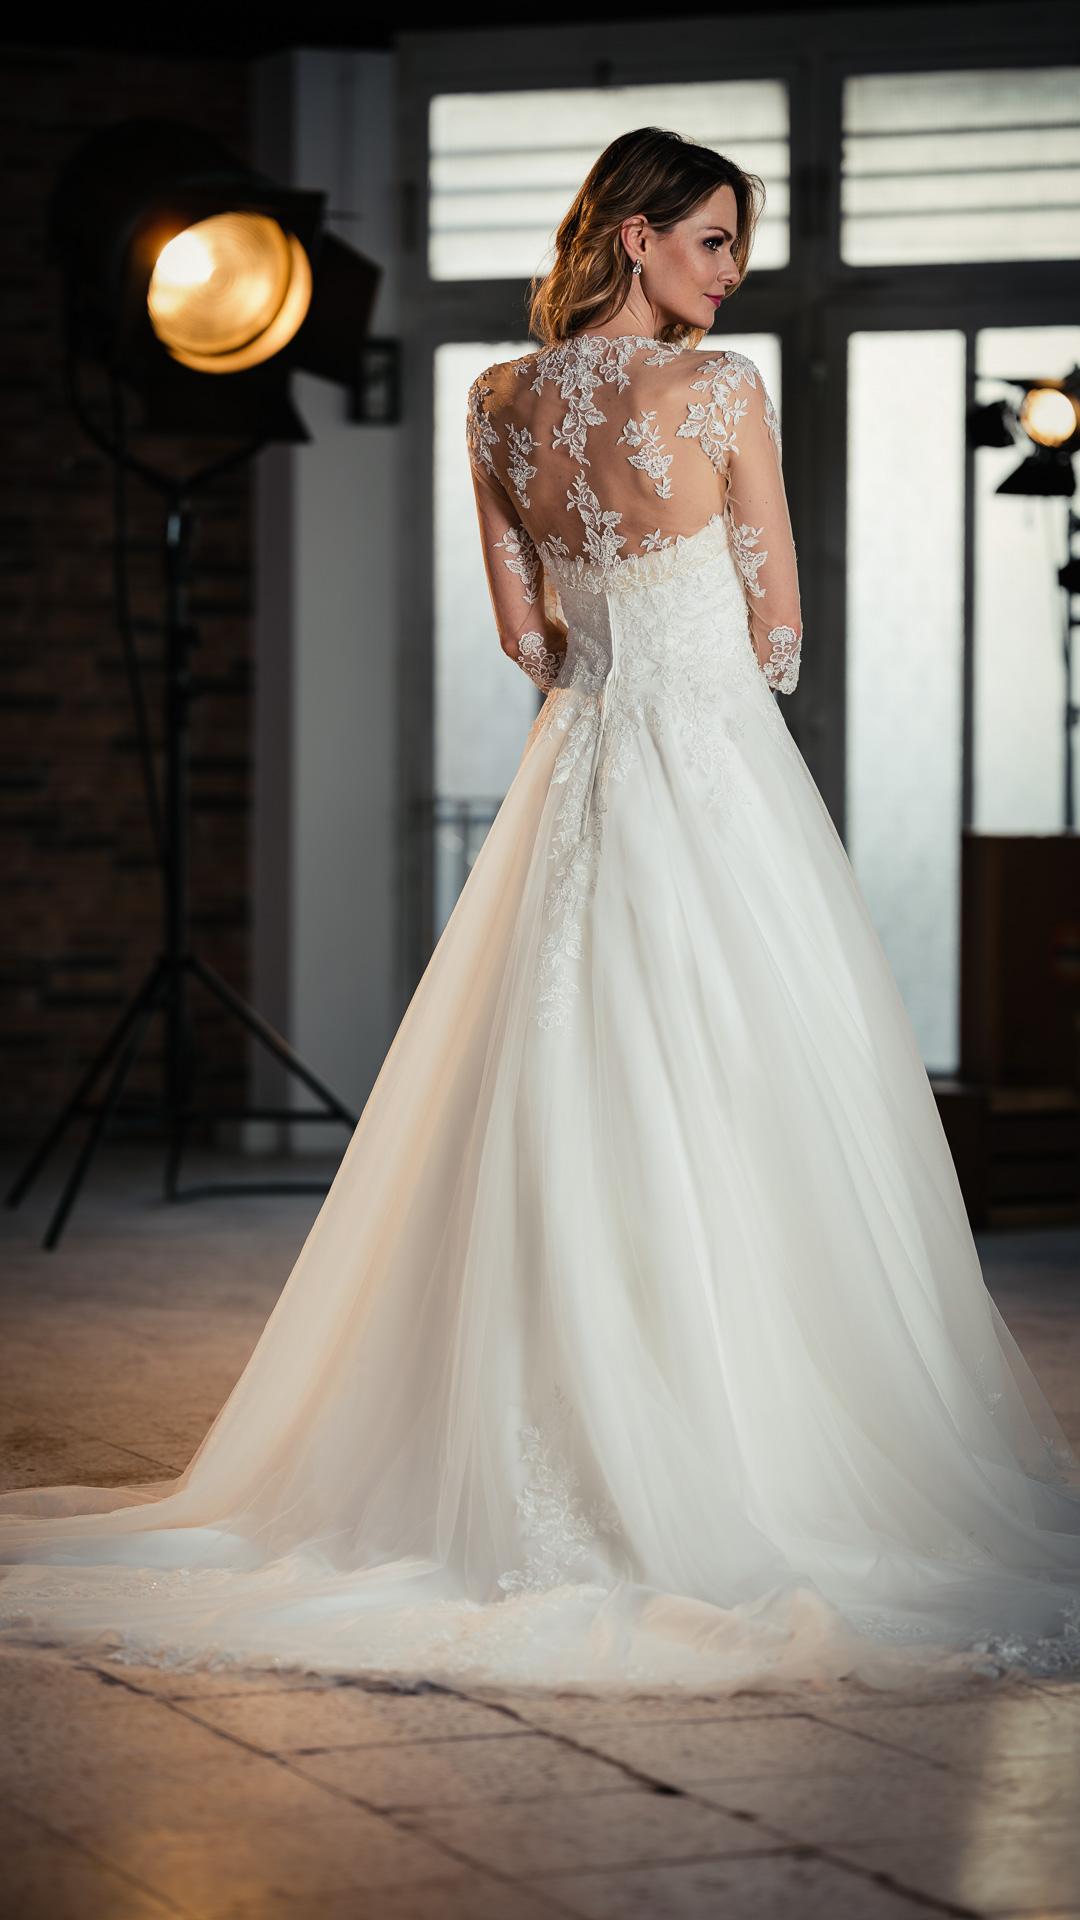 Kollektion 2021 Brautkleid 6706 von DMY